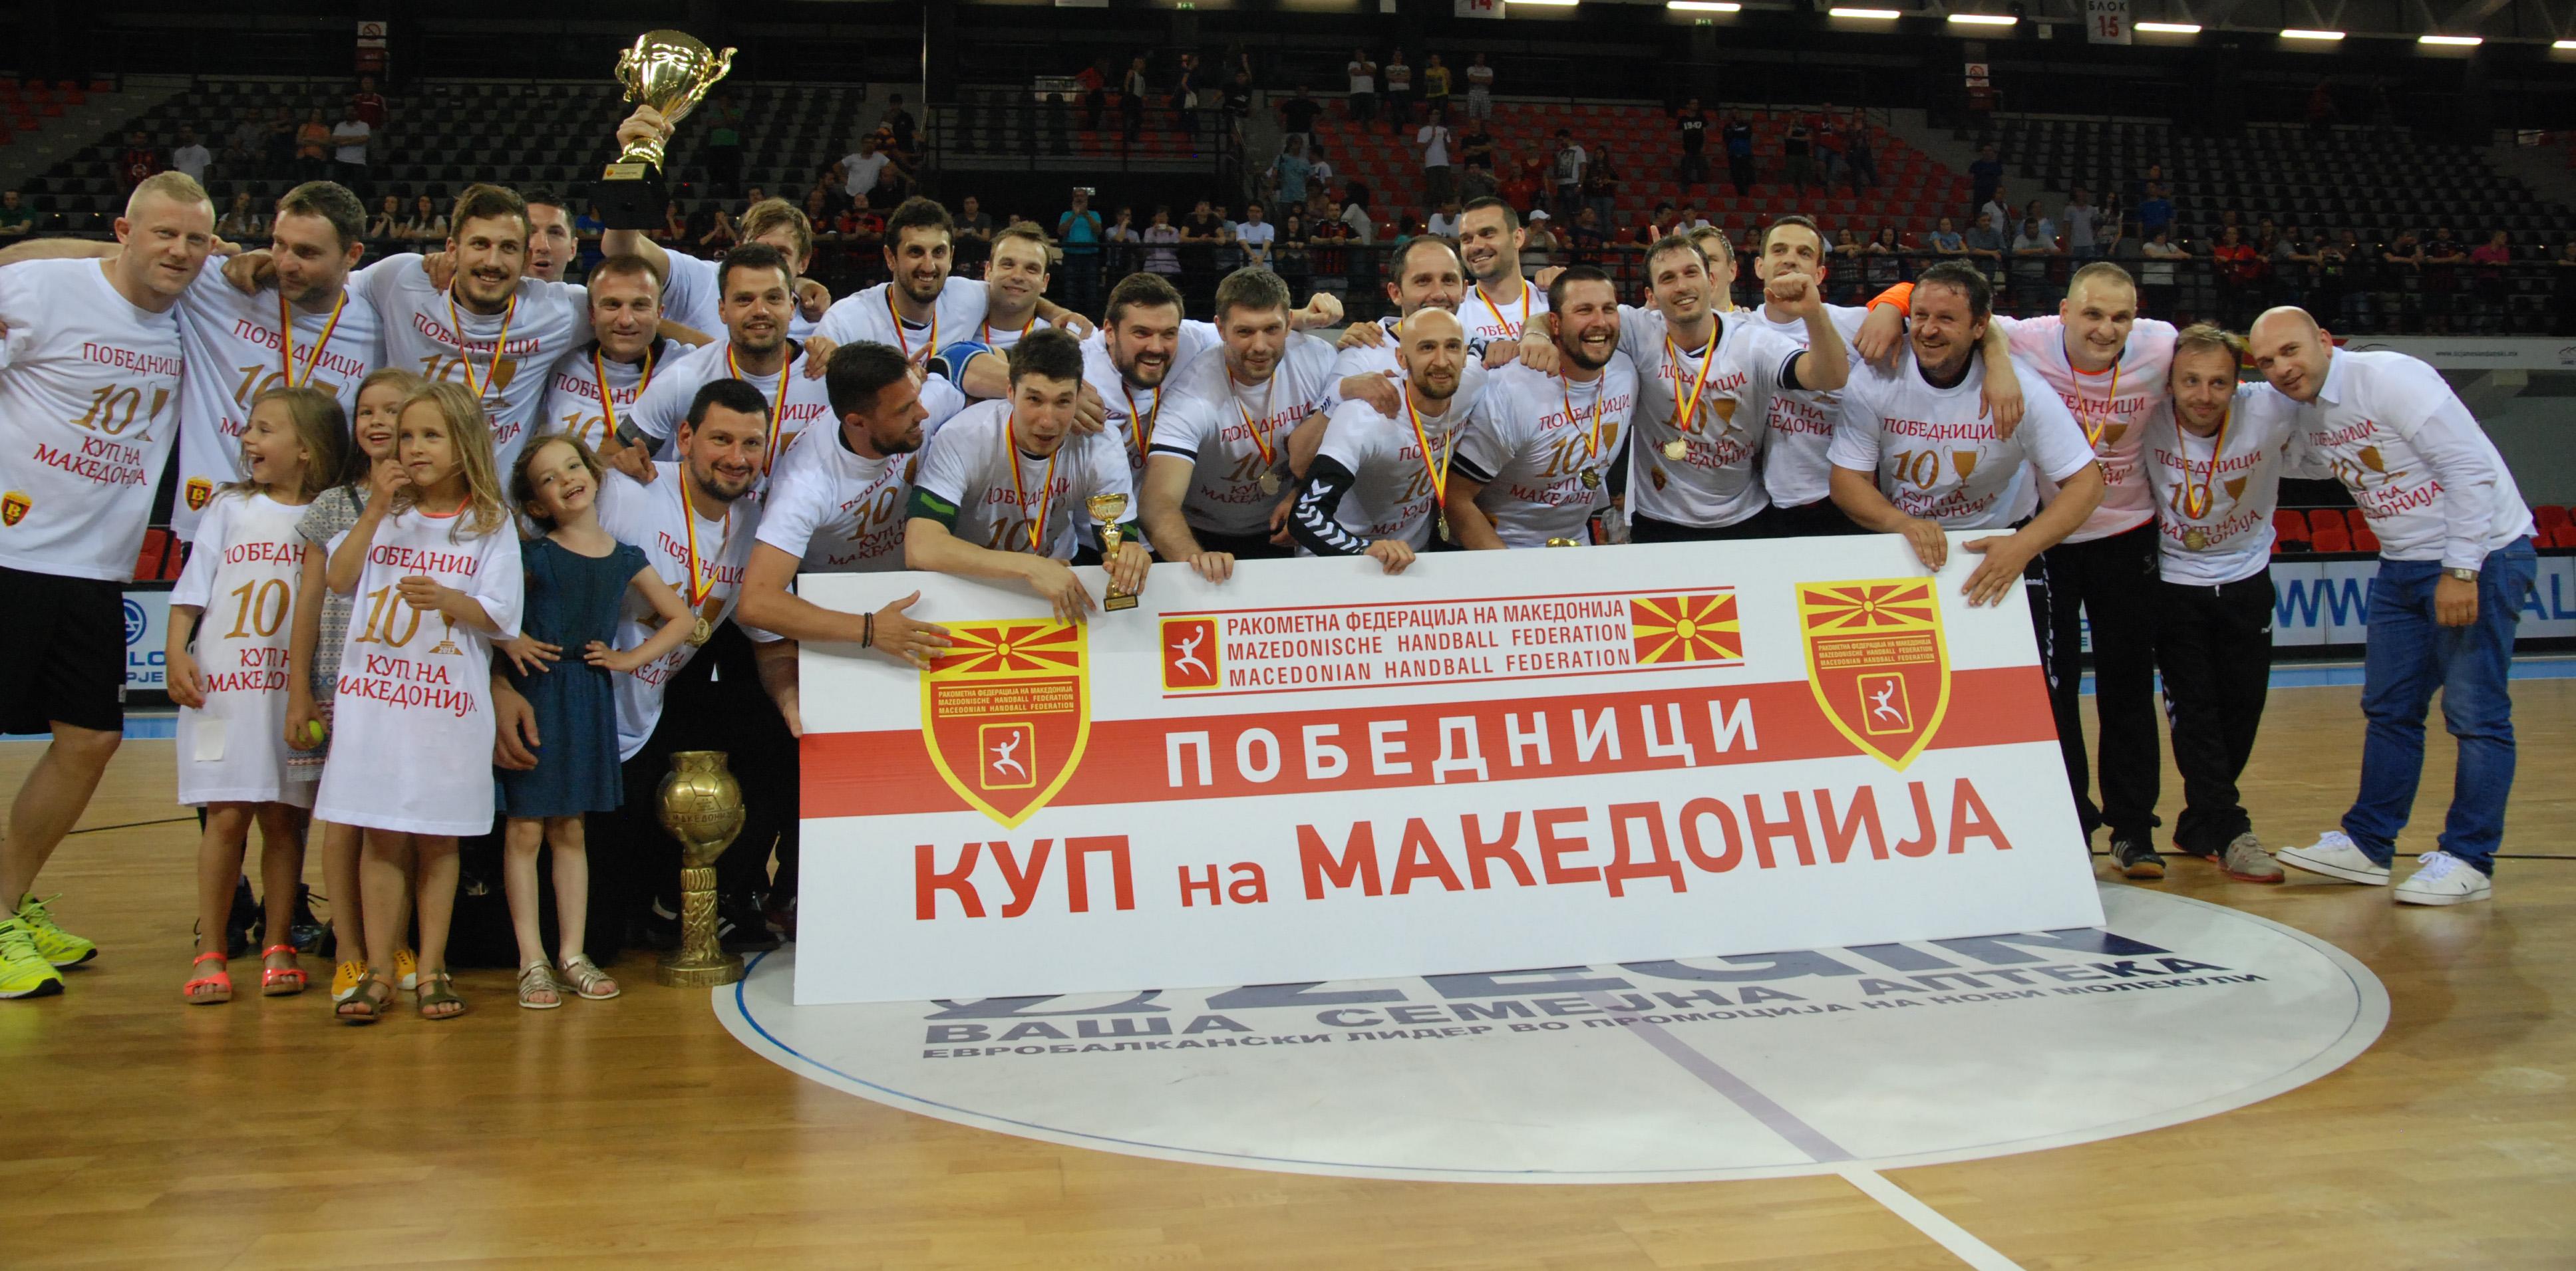 ФОТОГАЛЕРИЈА: Вардар победник на Купот на Македонија